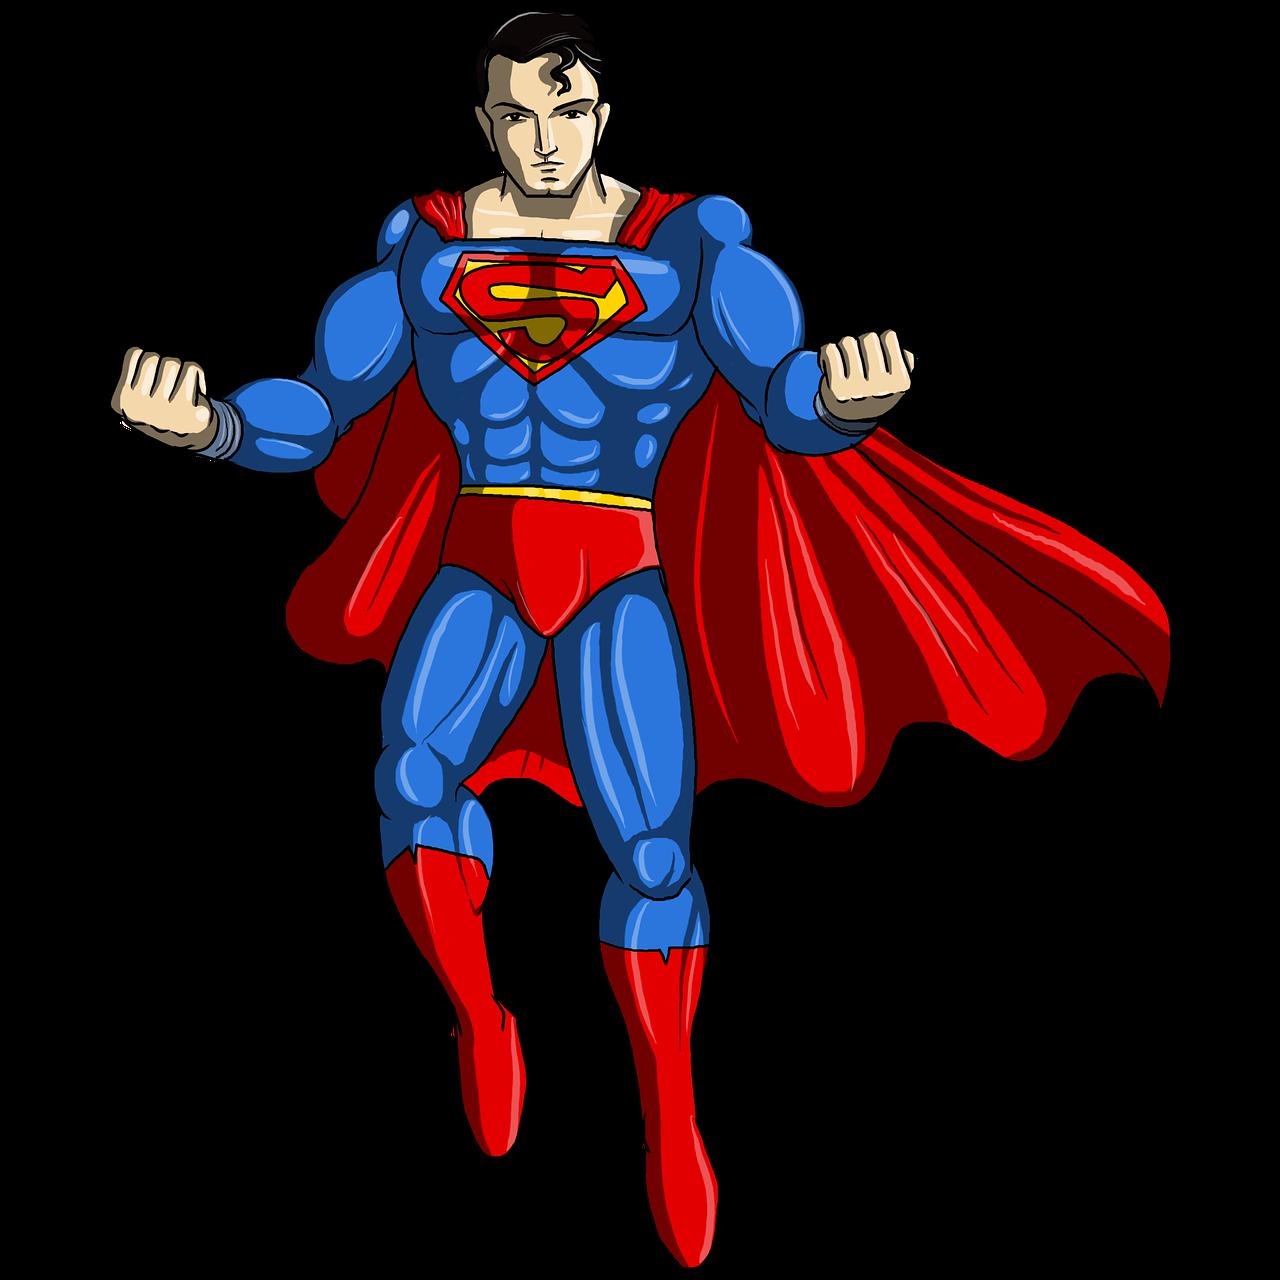 битой цветные картинки супергероев подвиги, как